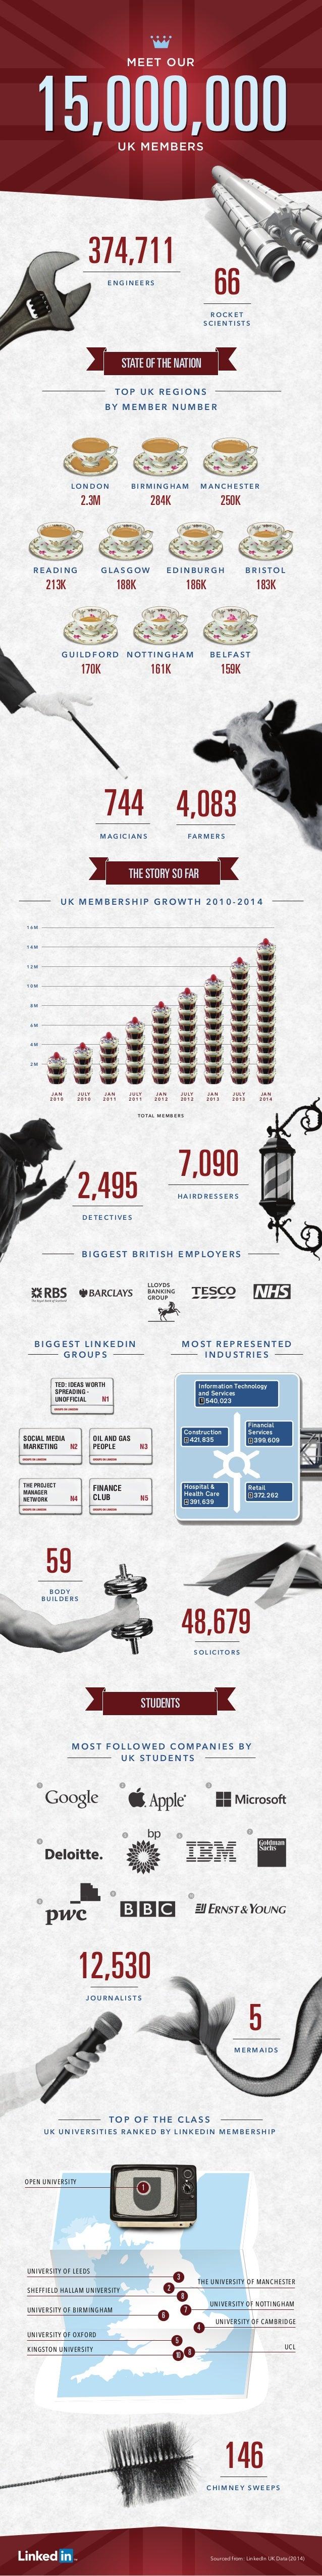 15 Million LinkedIn Members in the UK